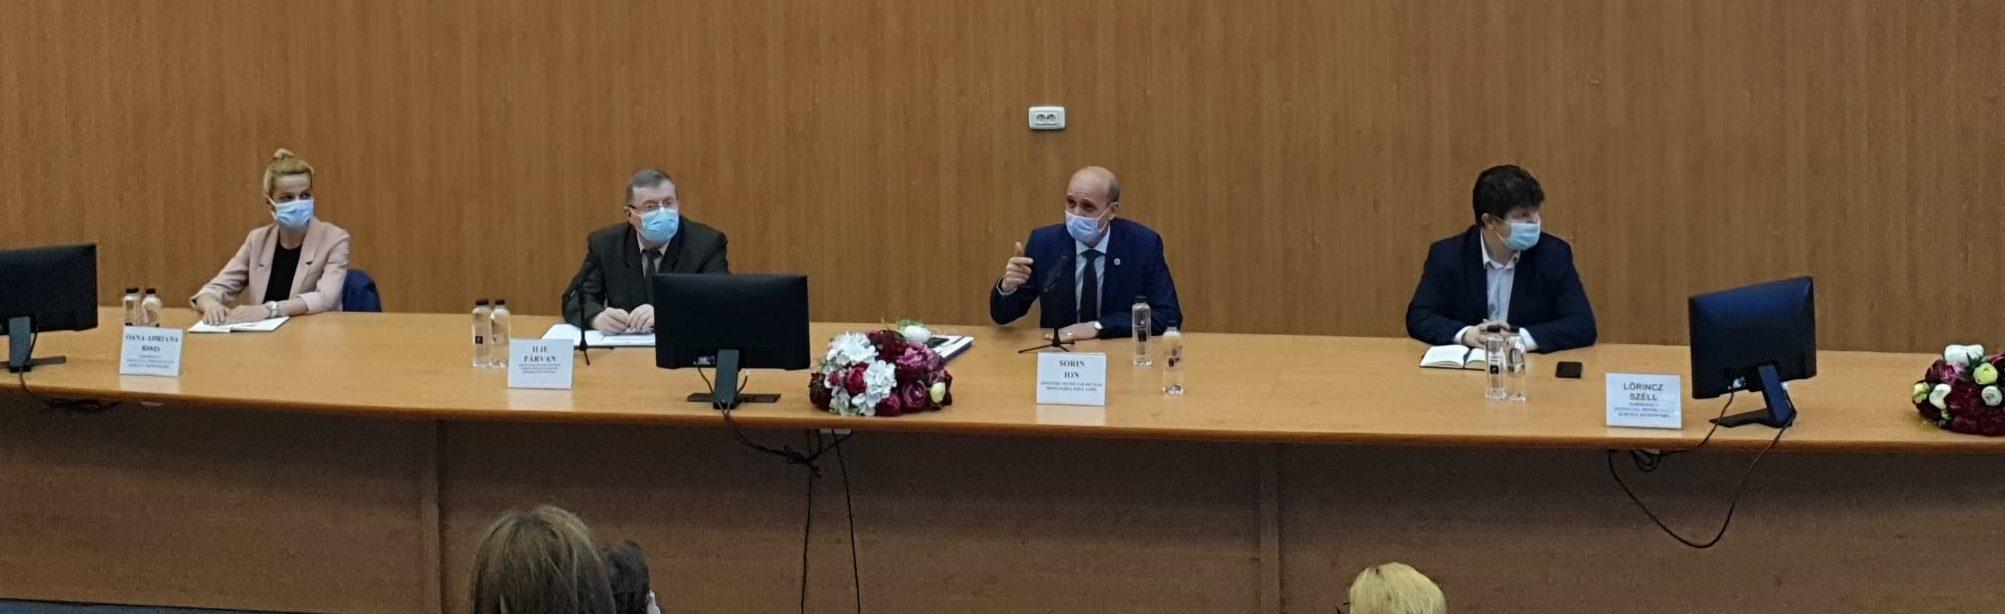 """Campania """"Vaccinare și testare pentru învățare"""", lansată şi în judeţul Hunedoara, în prezenţa secretarului de stat Sorin Ion"""